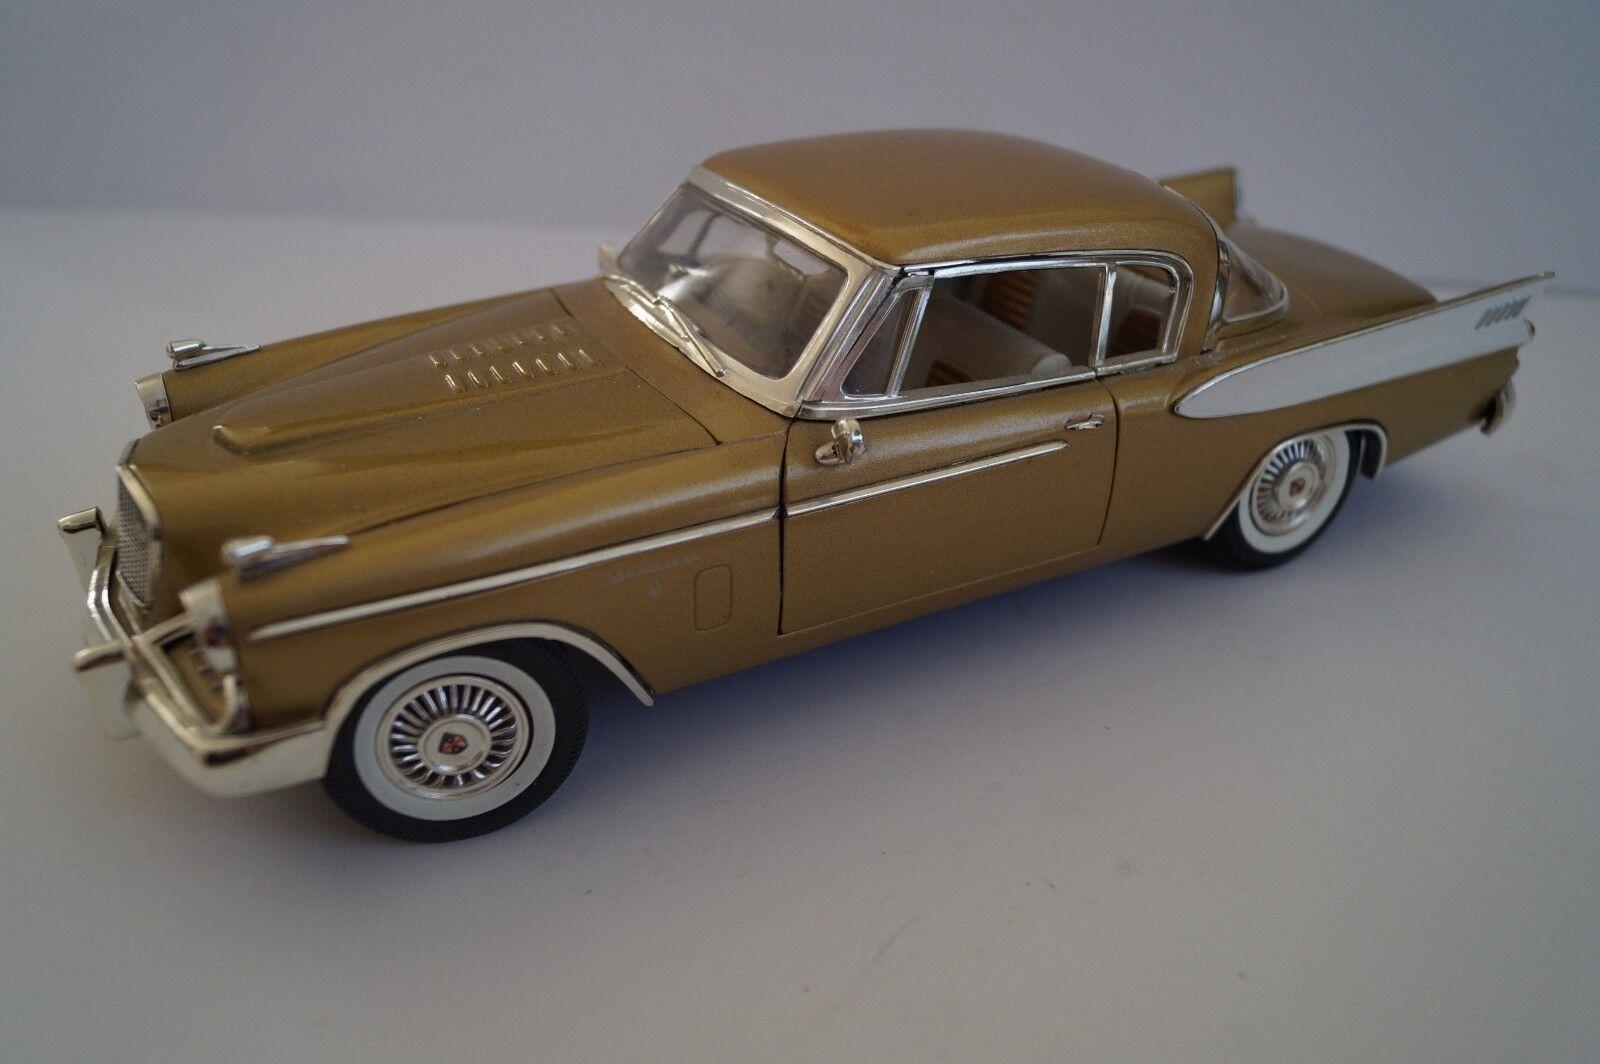 Anson modellololo di auto 1 18 Studebaker oro Hawk 1957